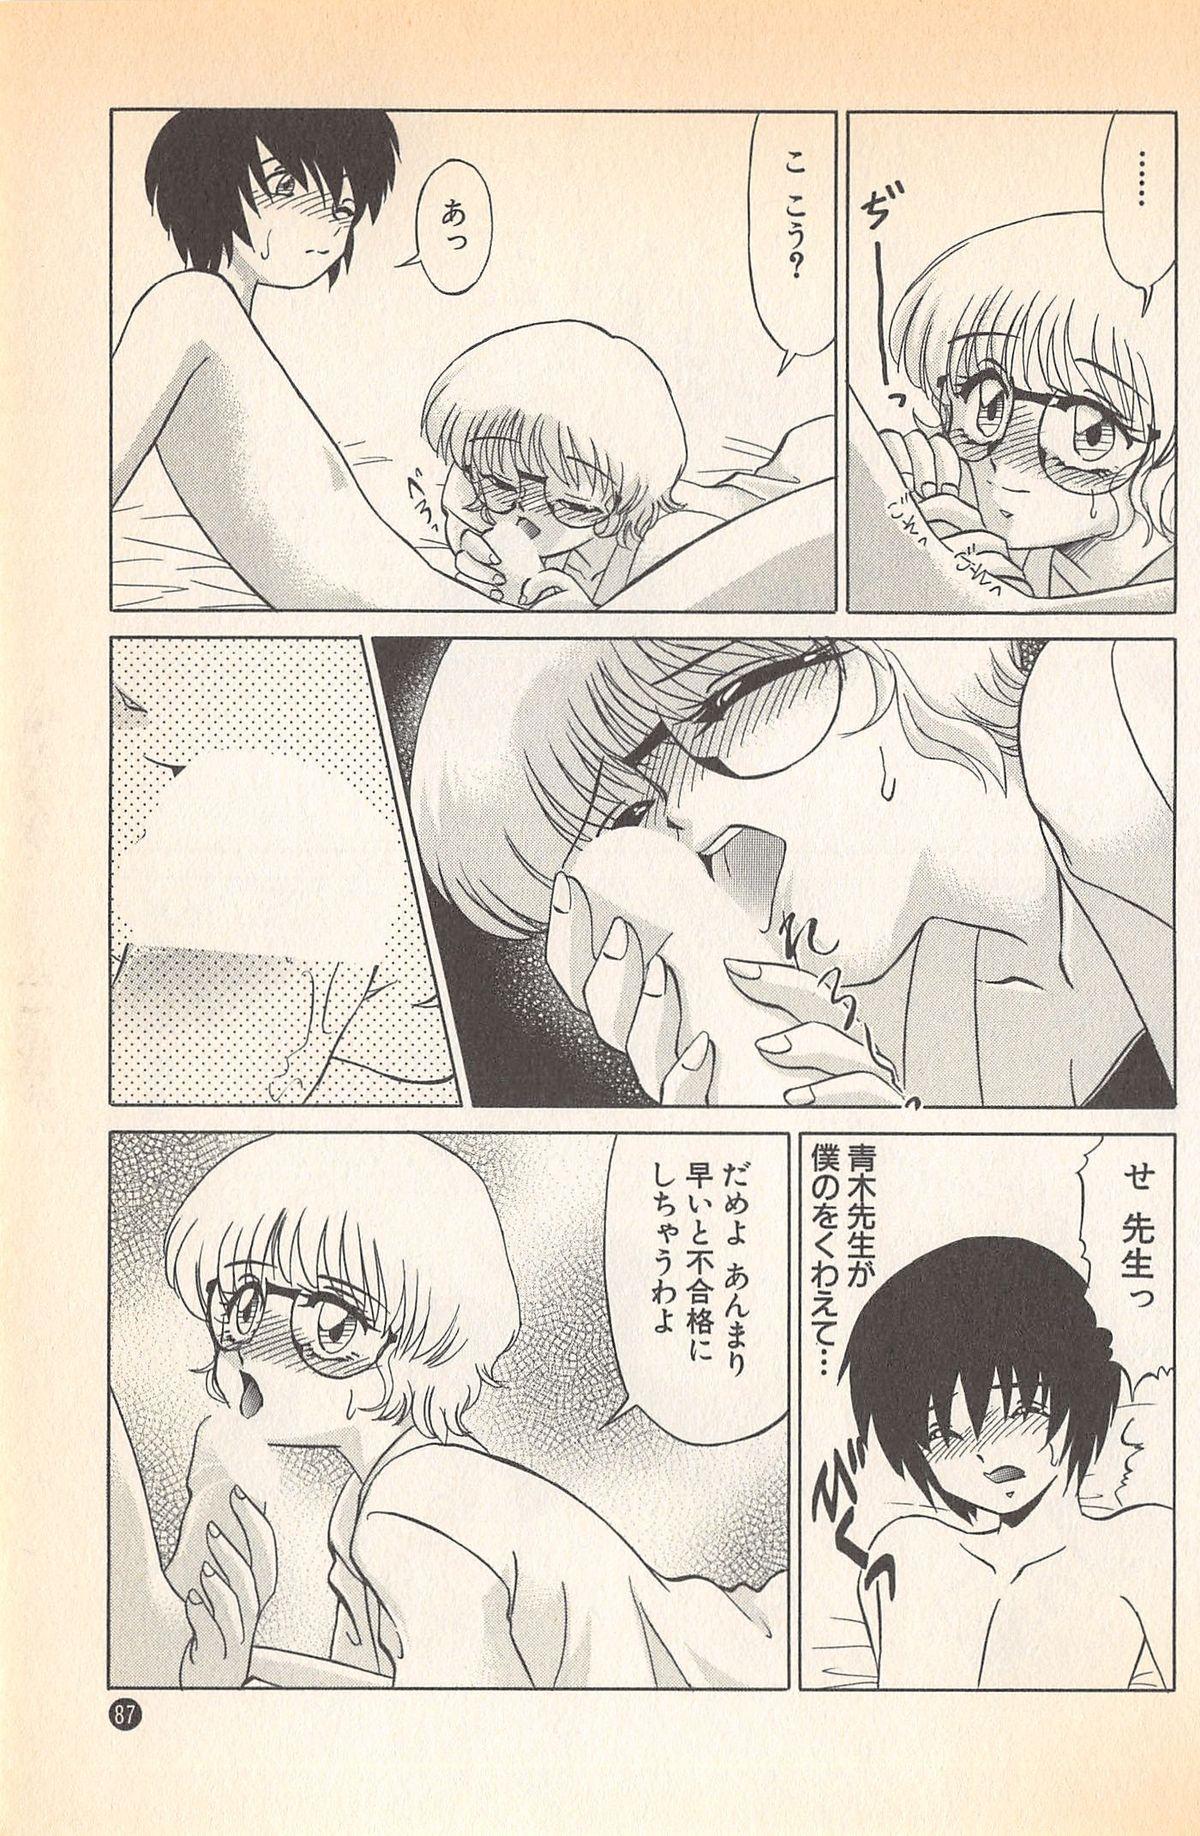 Doki Doki no Shikumi 88